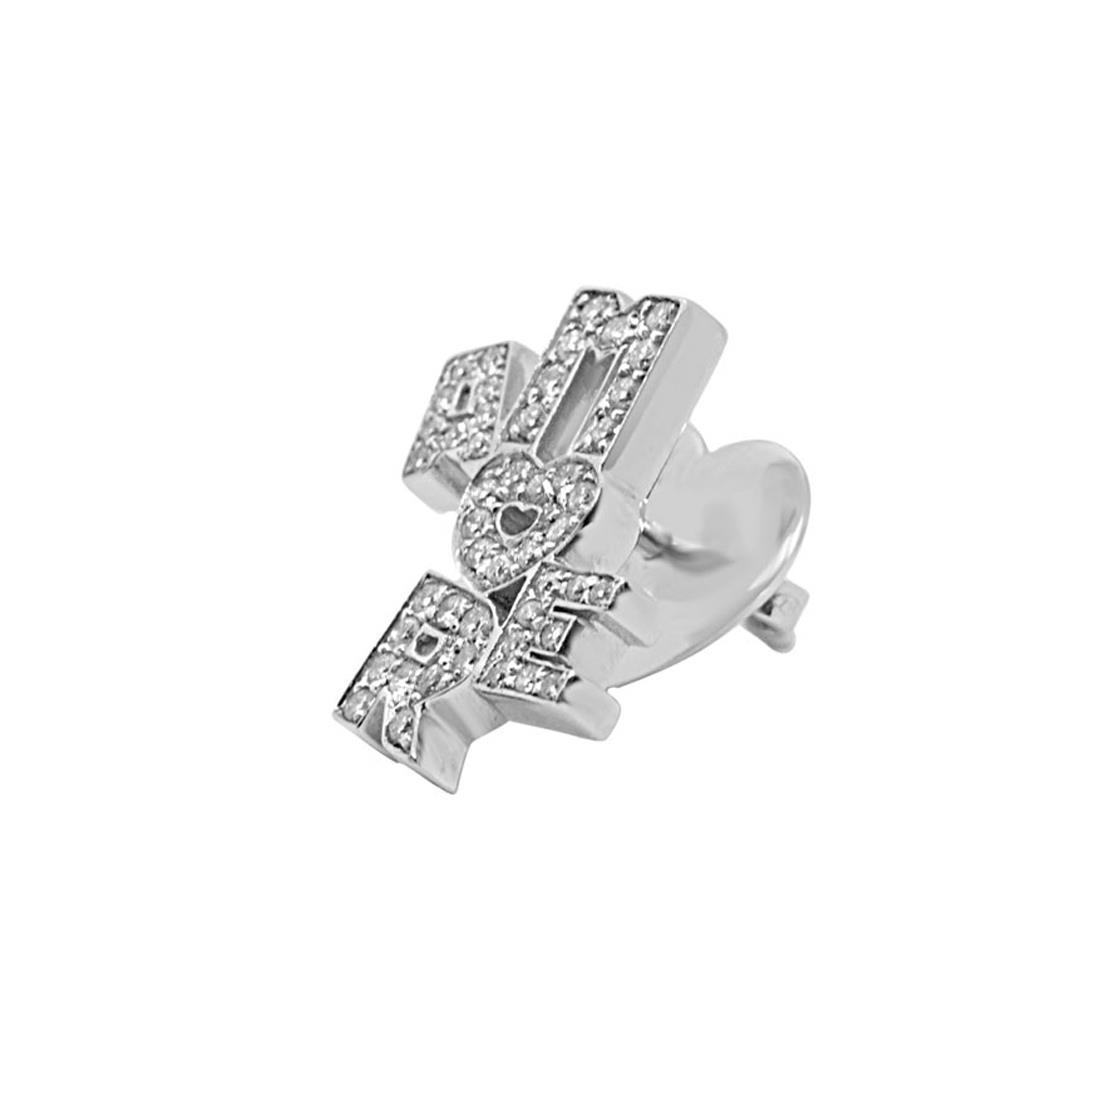 Mono orecchino lettere d'amore in oro bianco con diamanti - PASQUALE BRUNI